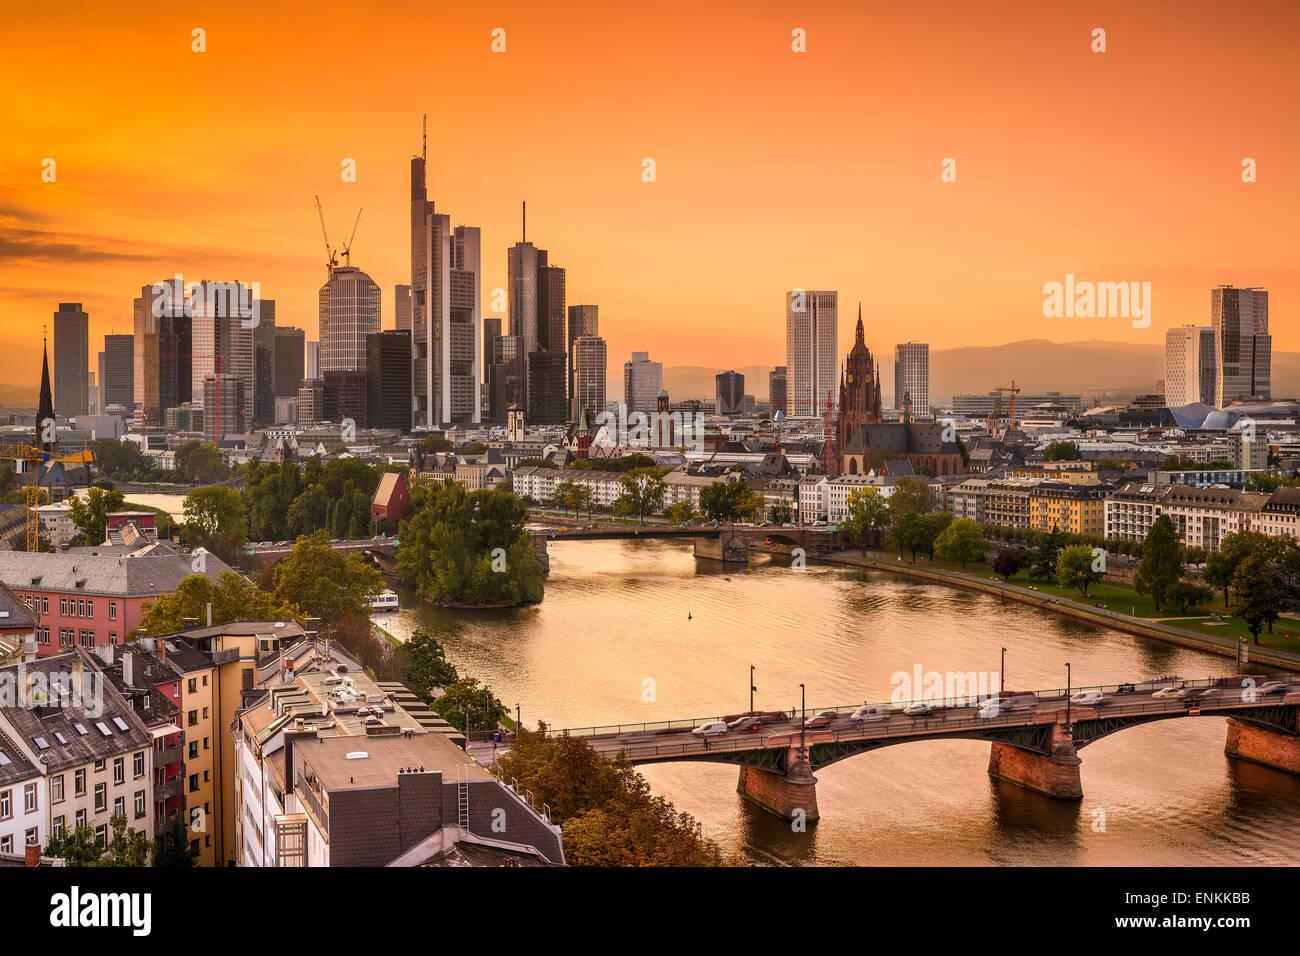 Frankurt, Allemagne skyline sur le cours principal de la rivière. Photo Stock